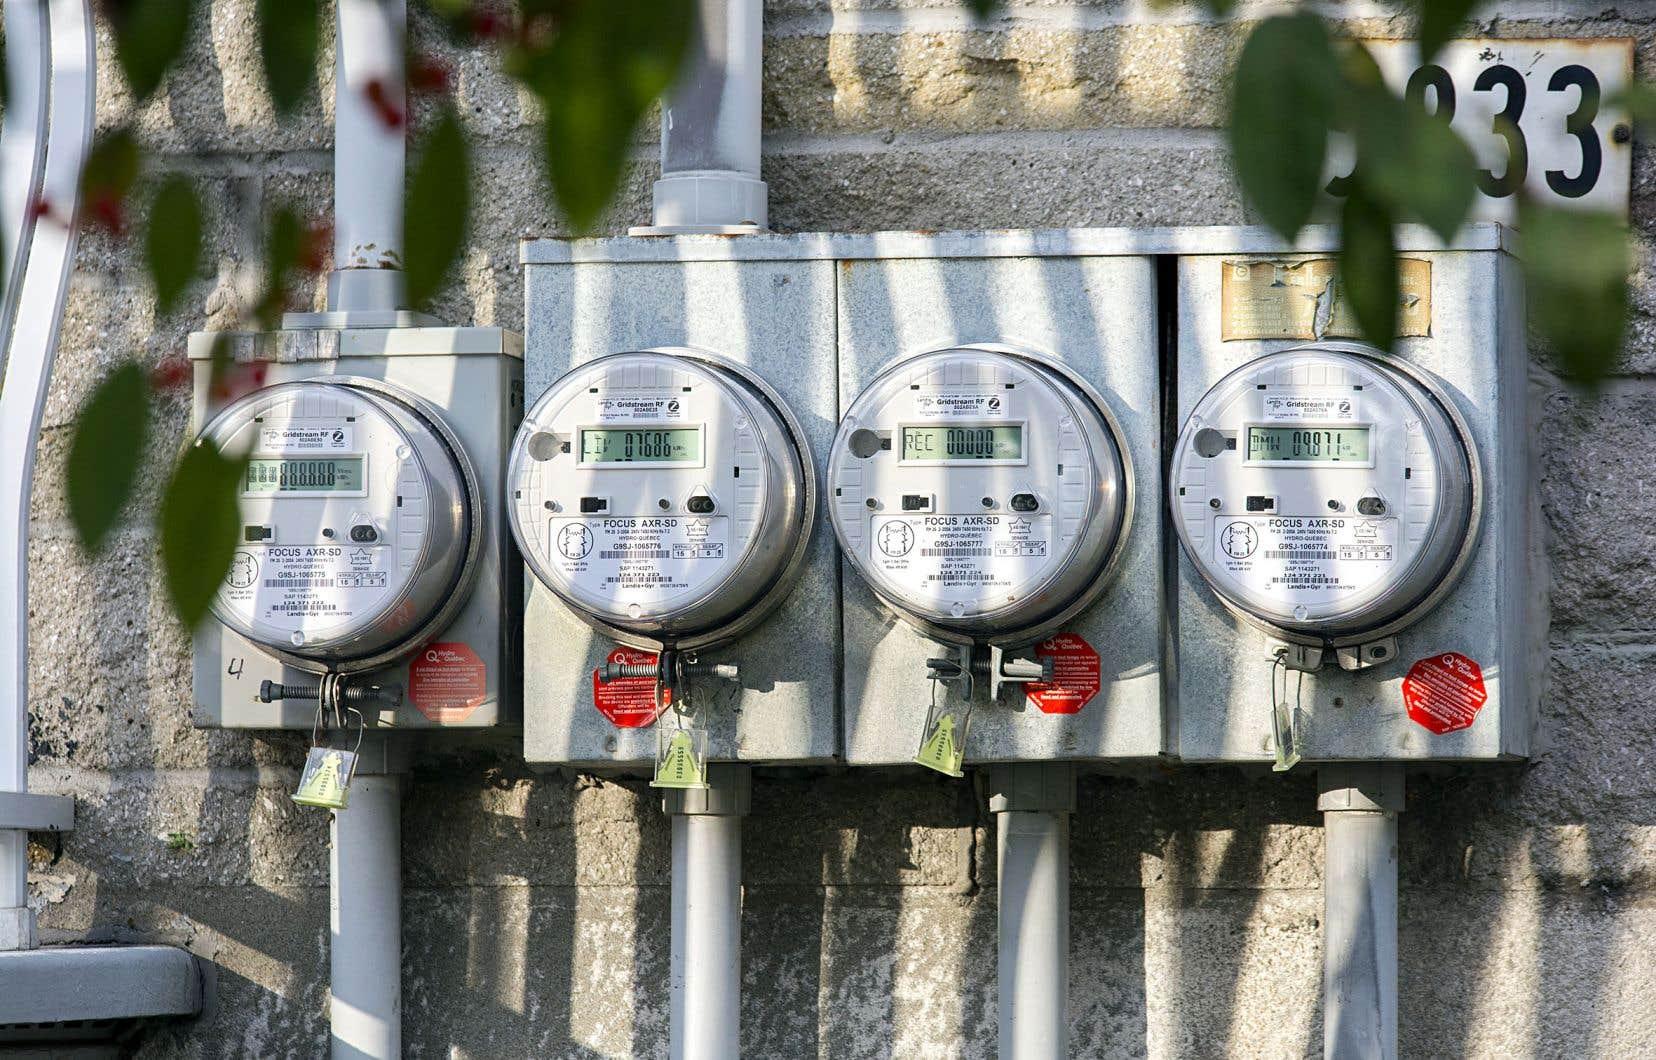 L'hiver froid et l'été chaud ont notamment permis à la société d'État d'enregistrer une hausse de la demande d'électricité.